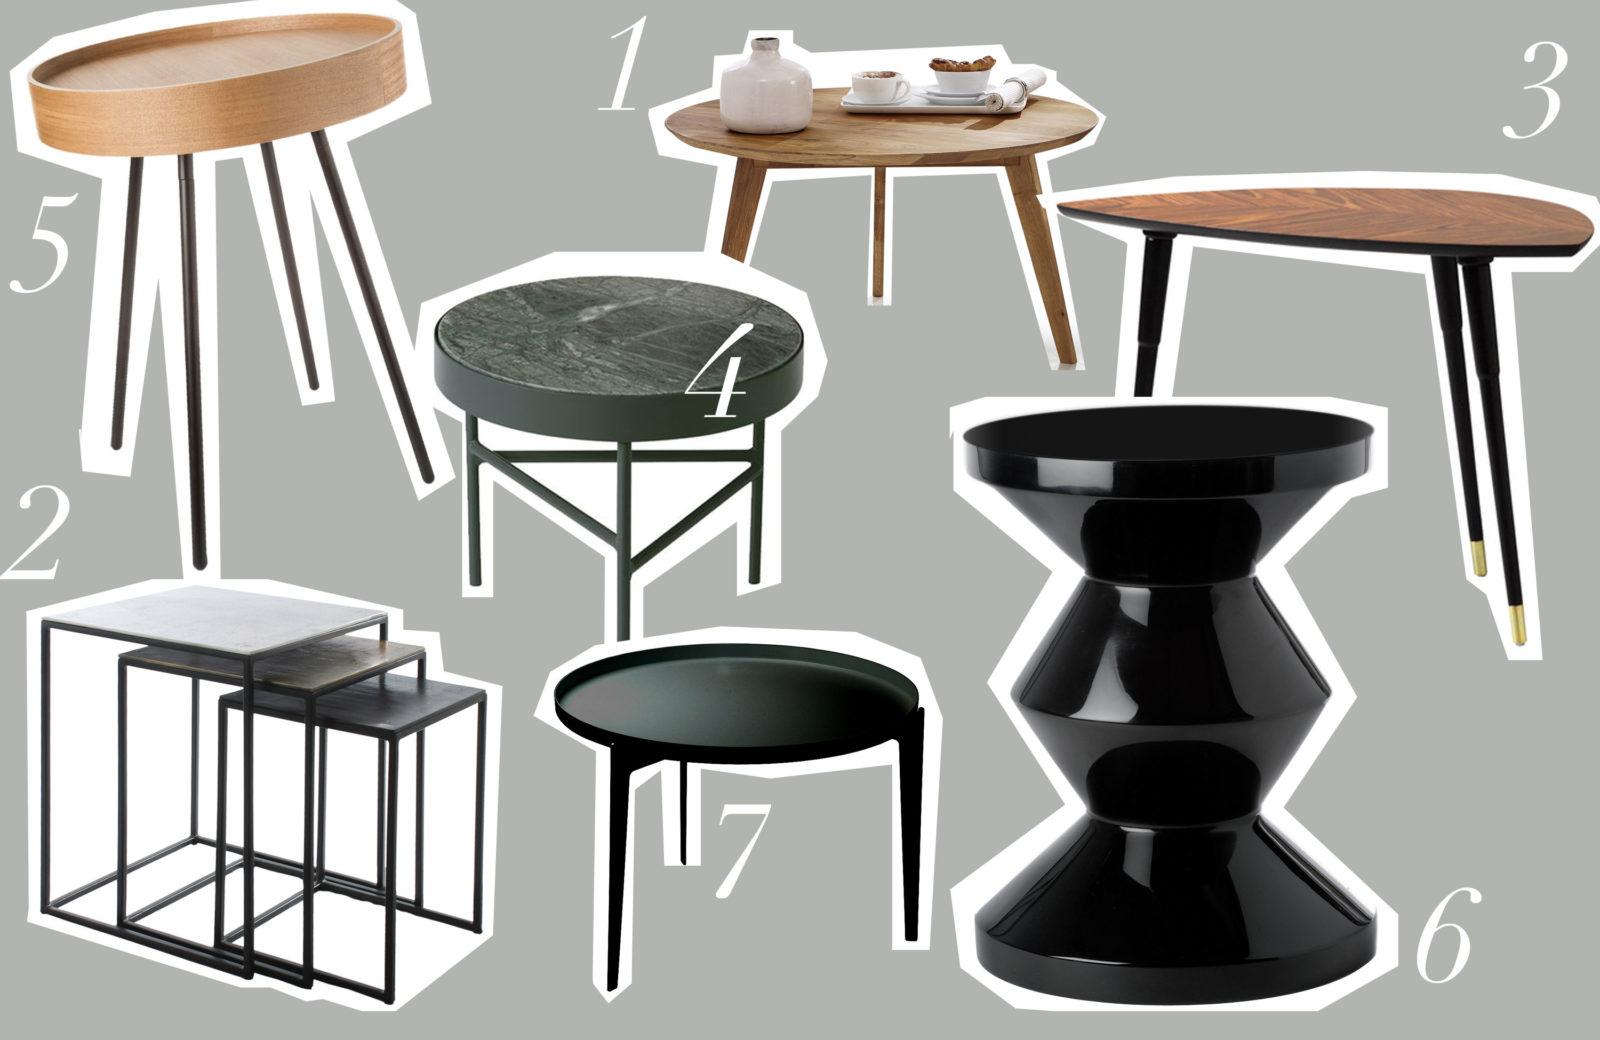 journelles maison die tollsten designer beistelltische. Black Bedroom Furniture Sets. Home Design Ideas